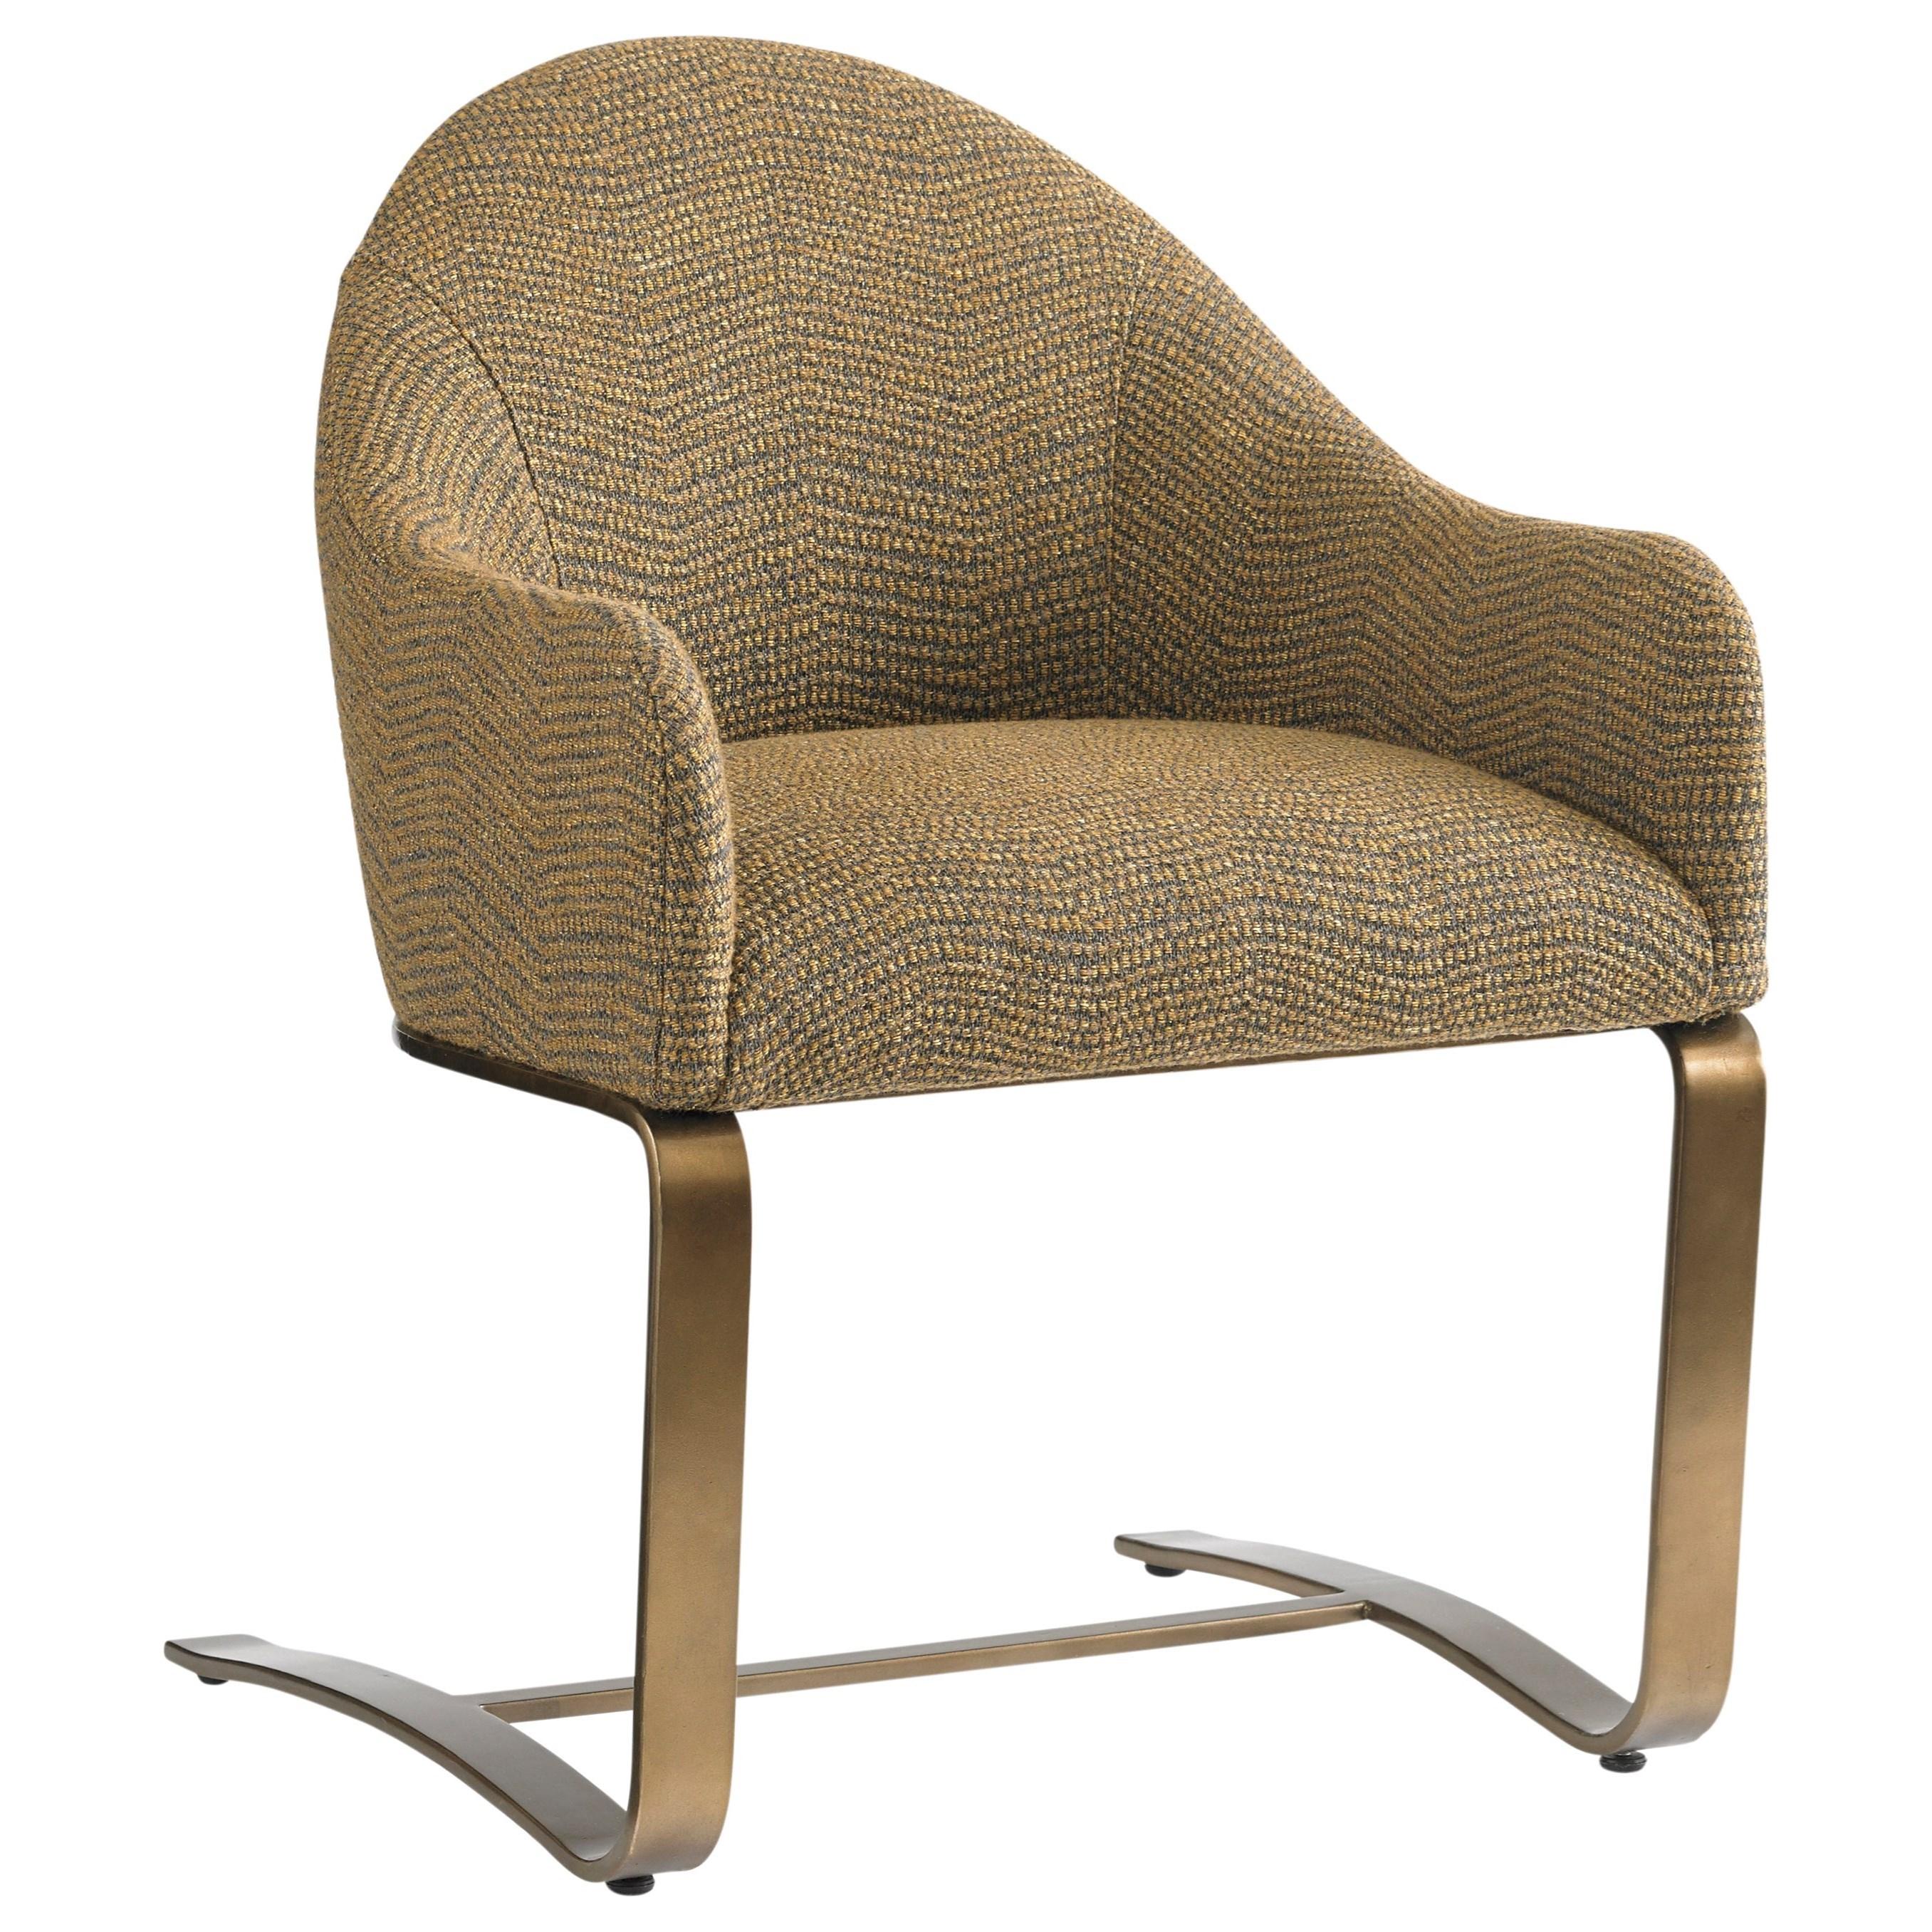 Sligh Cross Effect 190 438 Contemporary Upholstered Desk